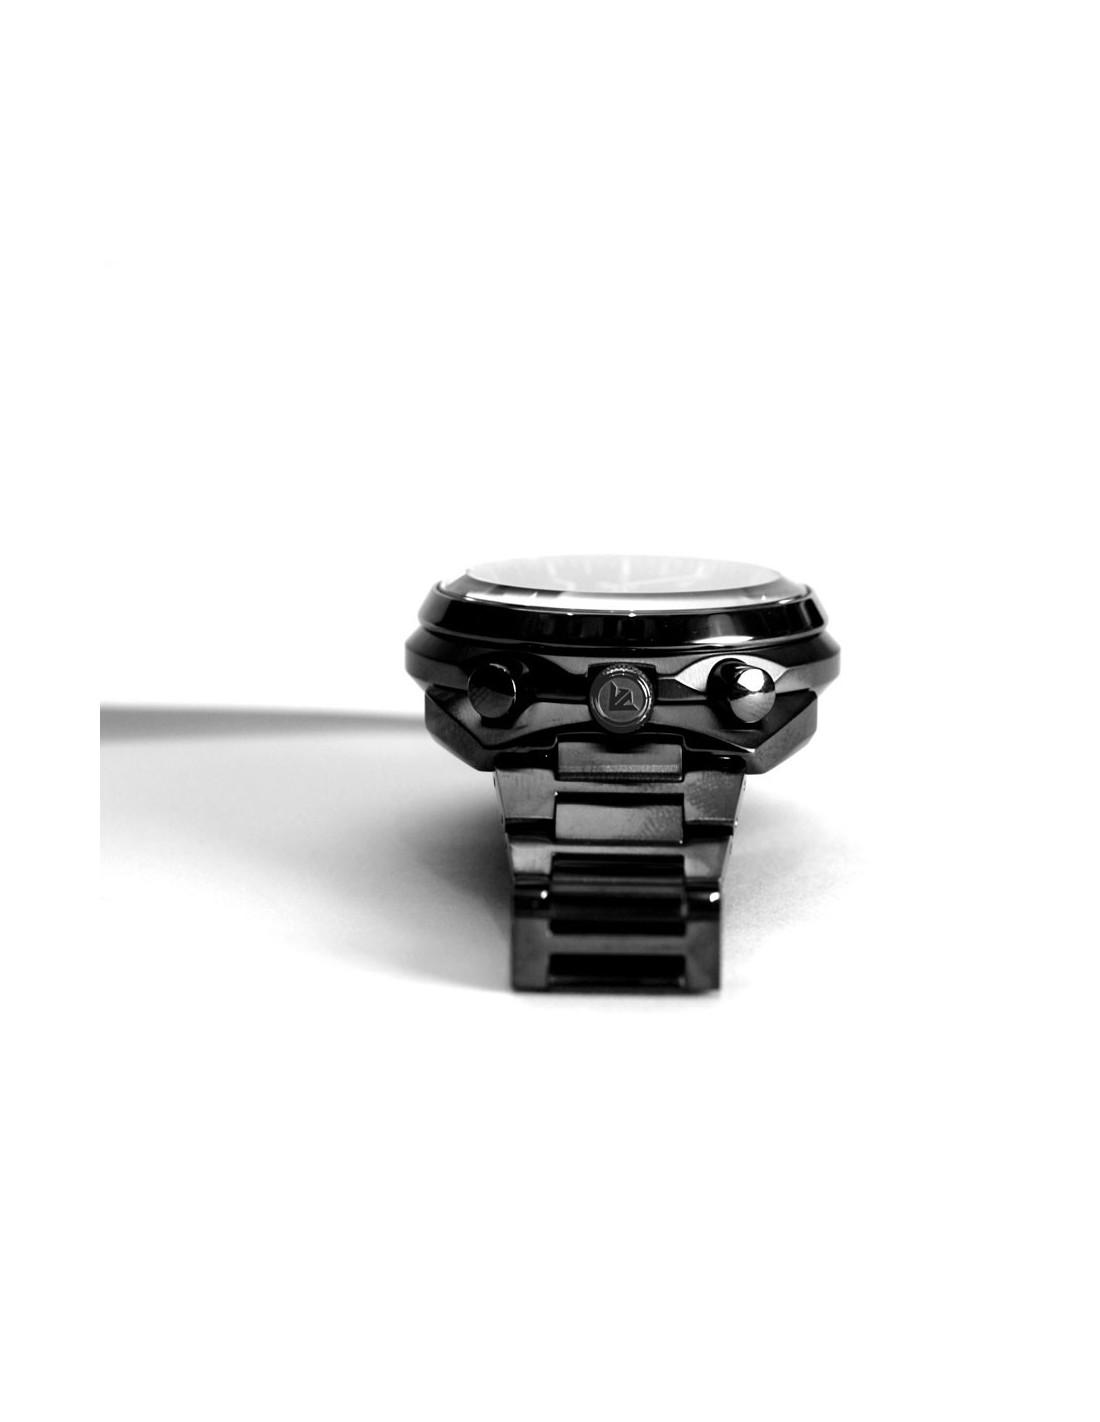 66b688df48b2 Anniversary AV0075-70E  Reloj Citizen Eco-Drive Bull head special 100th.